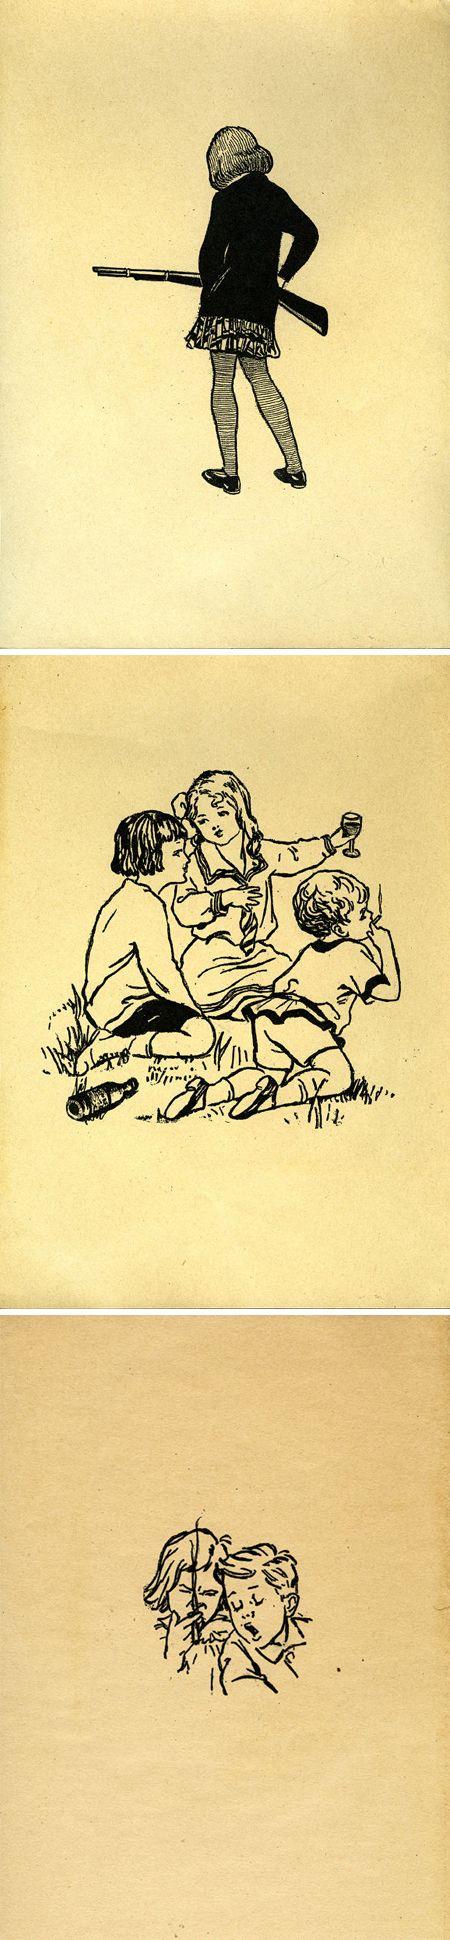 ceal warnants - bedtime stories gone very very wrong!